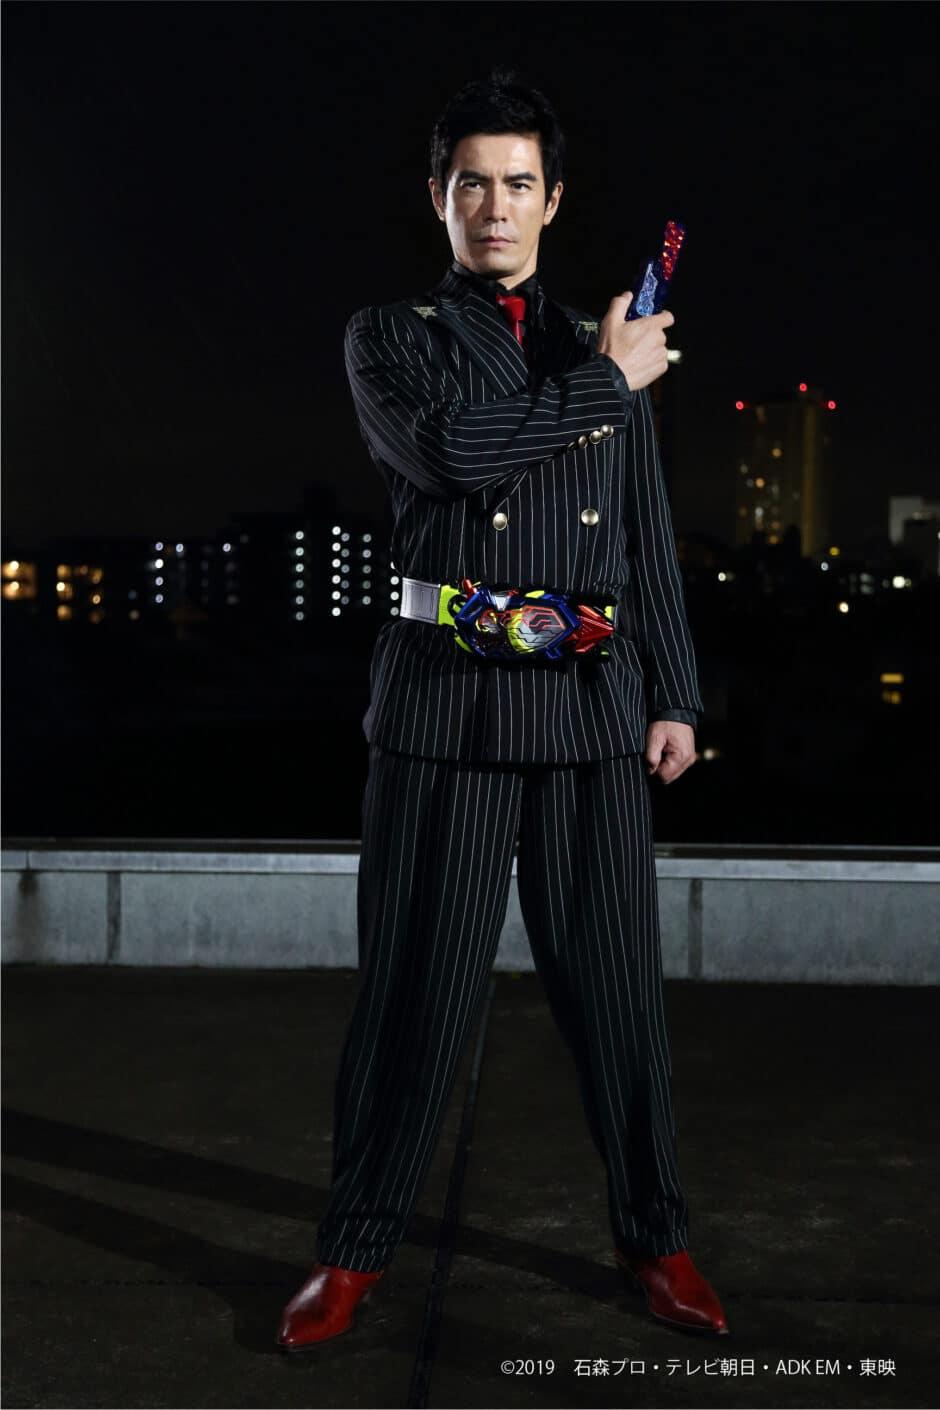 『劇場版 仮面ライダーゼロワン』 『魔進戦隊キラメイジャー THE MOVIE』公開決定! 伊藤英明がシリーズ初出演!